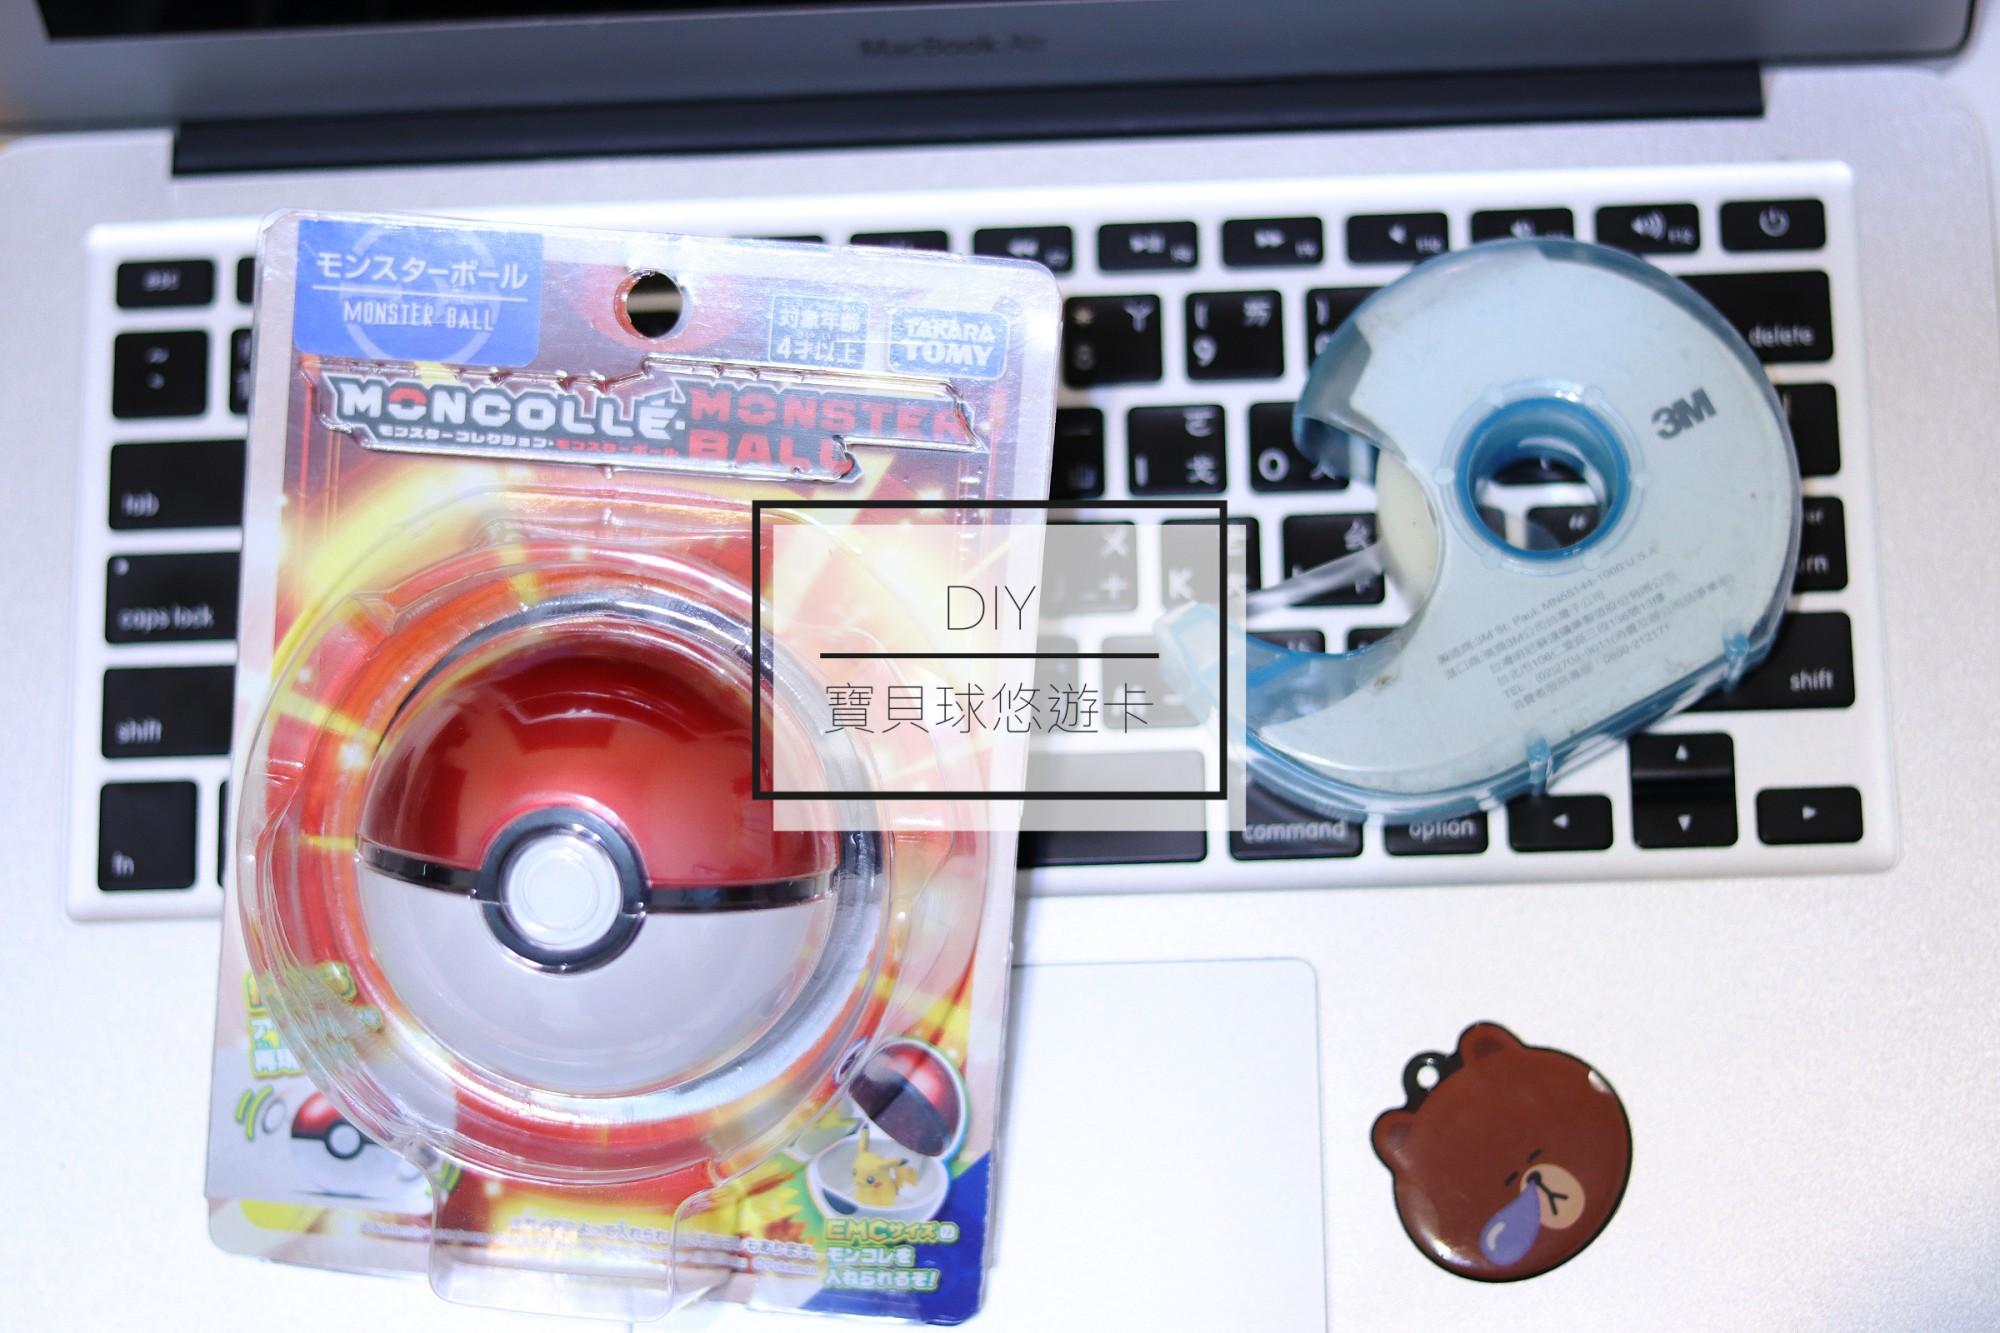 ☆【生活】超簡單DIY寶貝球悠遊卡! @凱的日本食尚日記